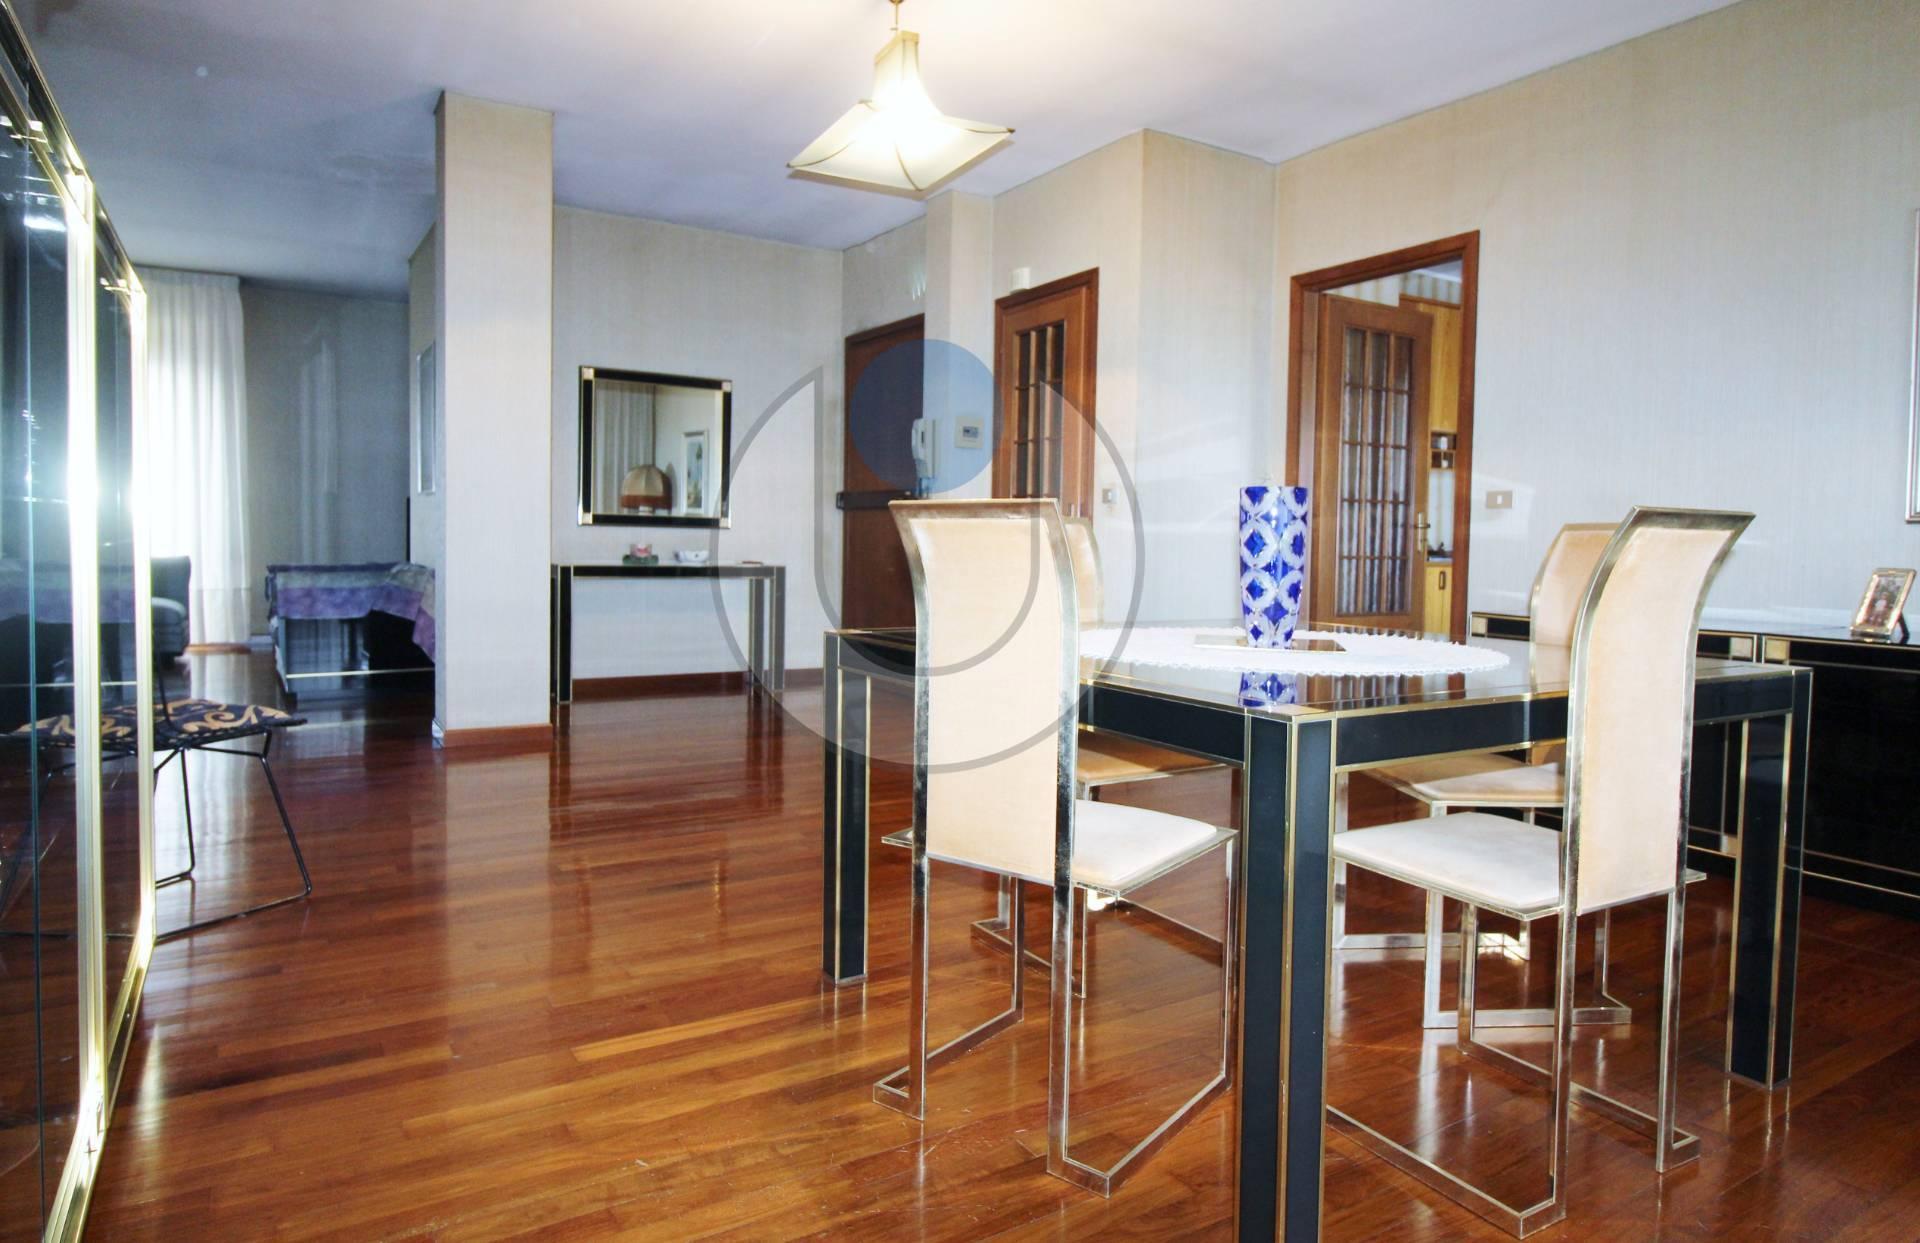 Palazzi e stabili in vendita a venaria reale for Appartamento venaria